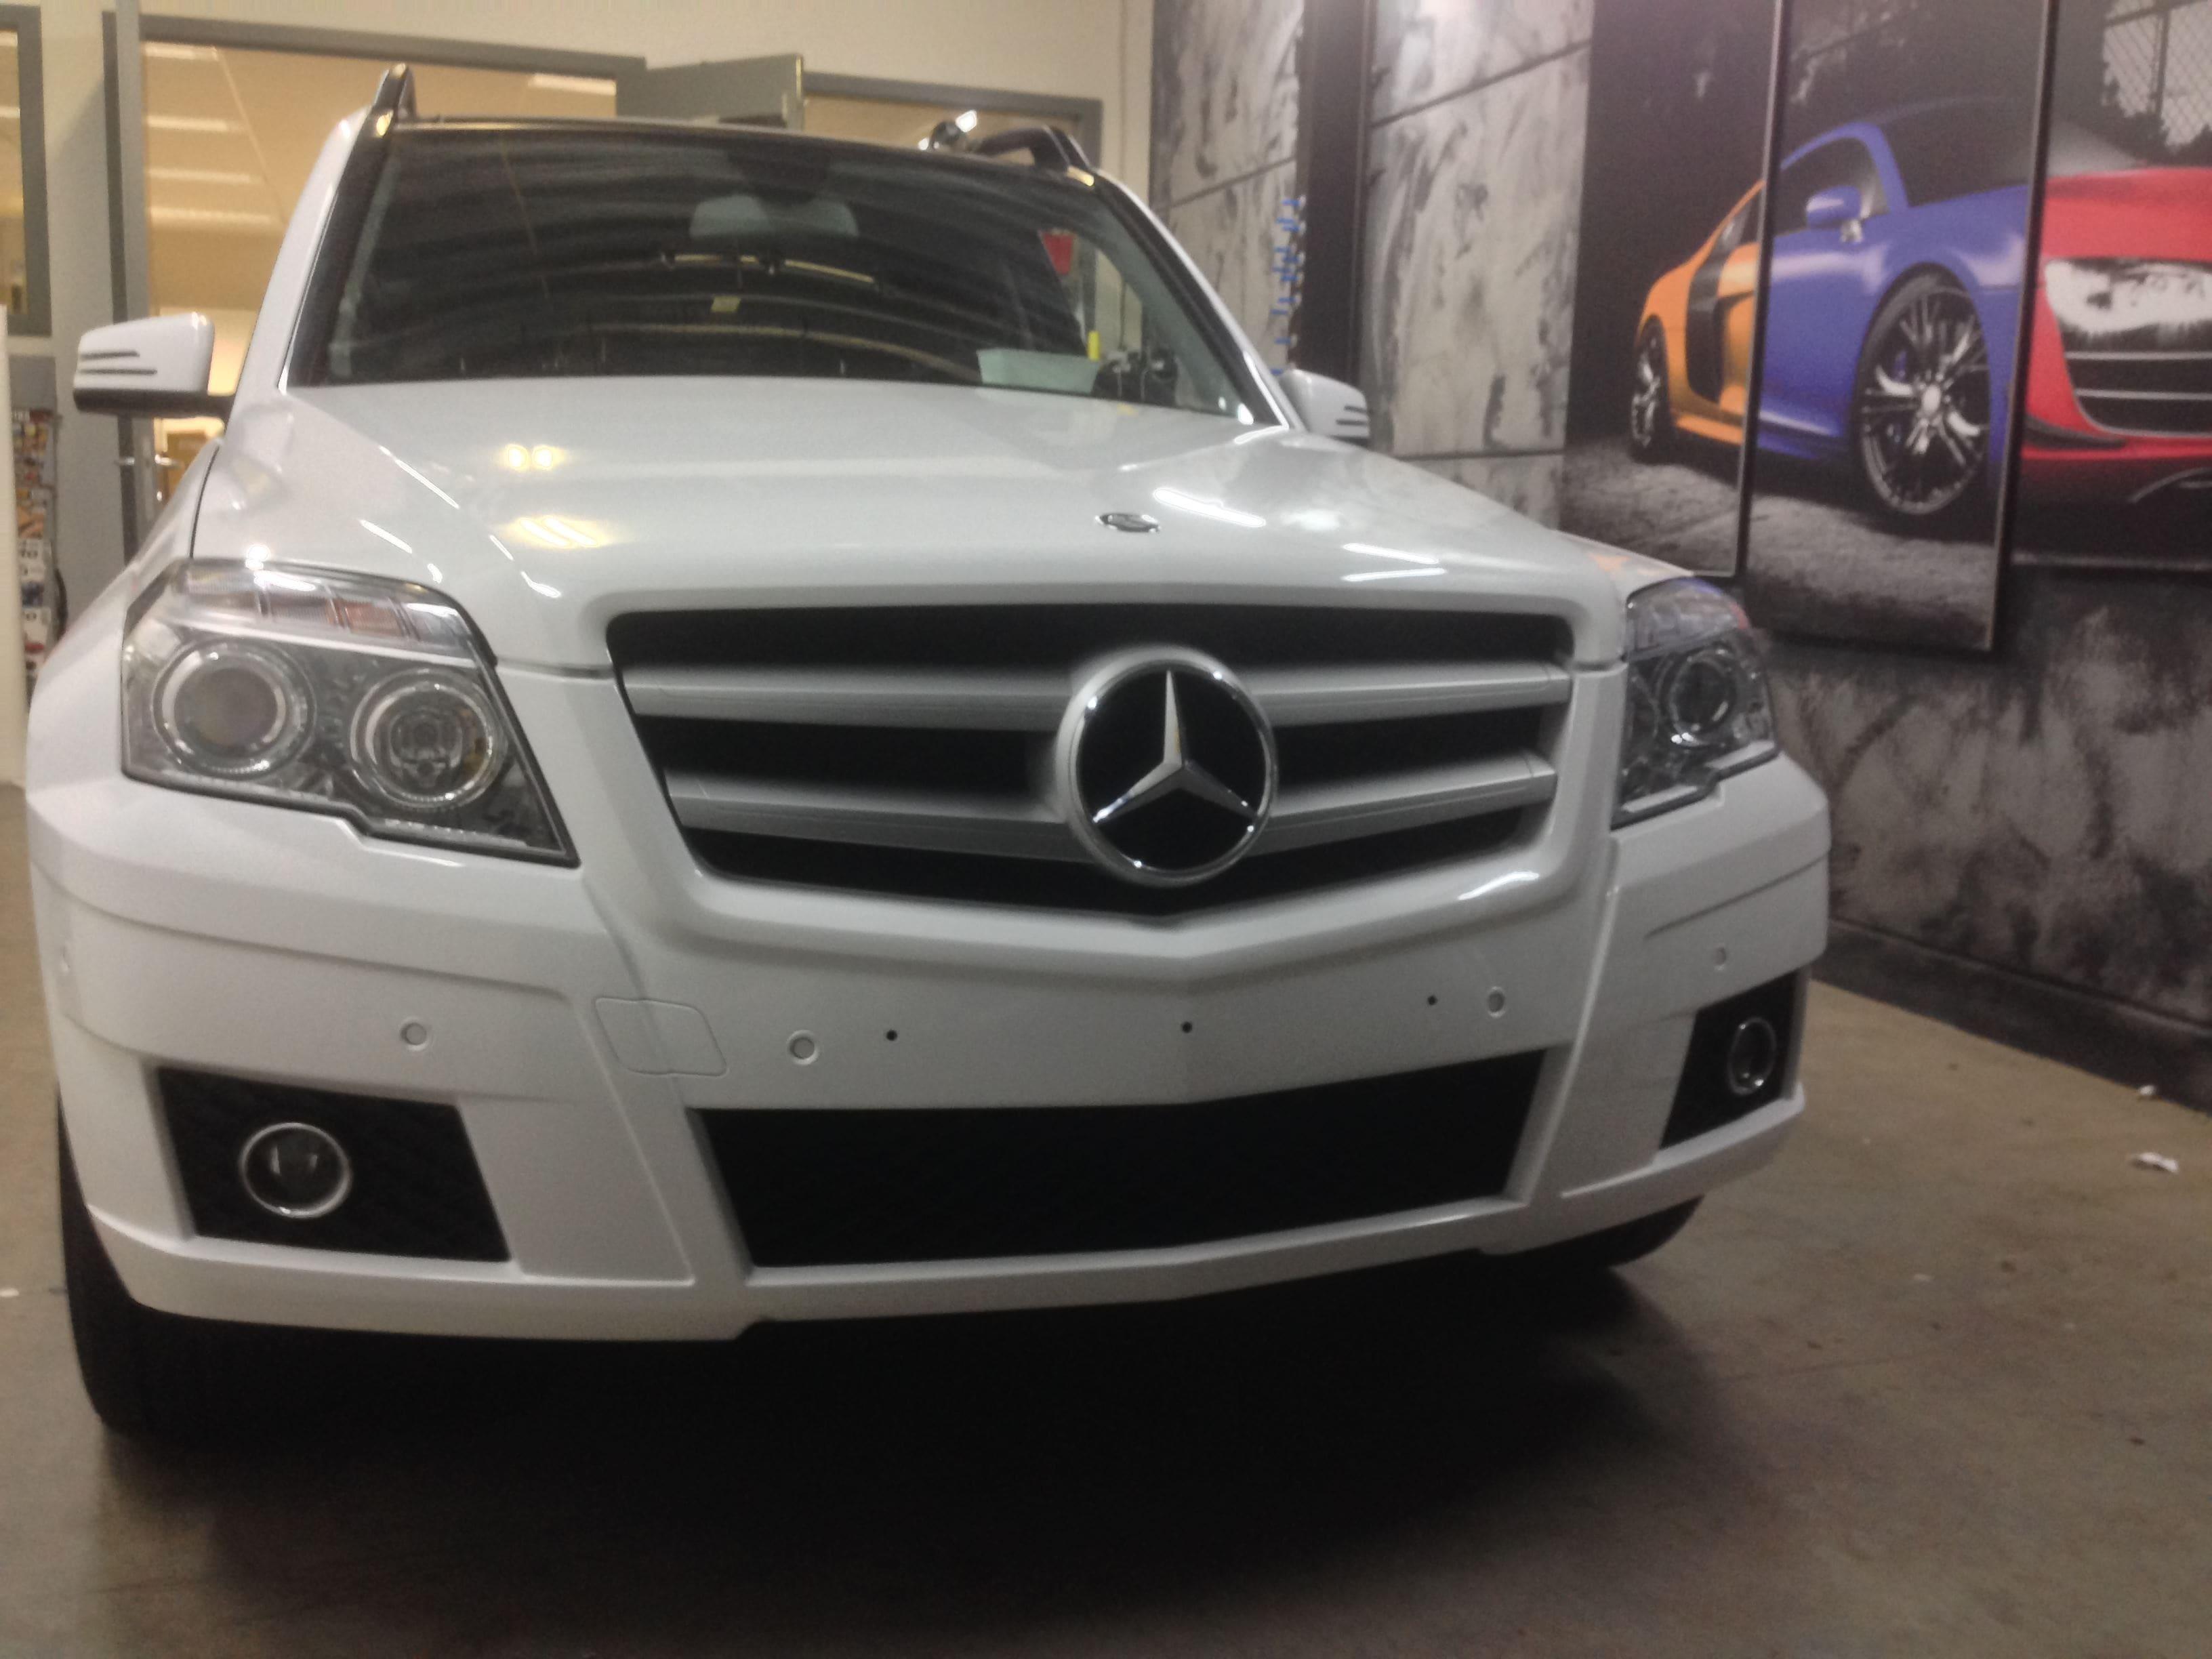 Mercedes GLK met Glossy White Wrap, Carwrapping door Wrapmyride.nu Foto-nr:6303, ©2021